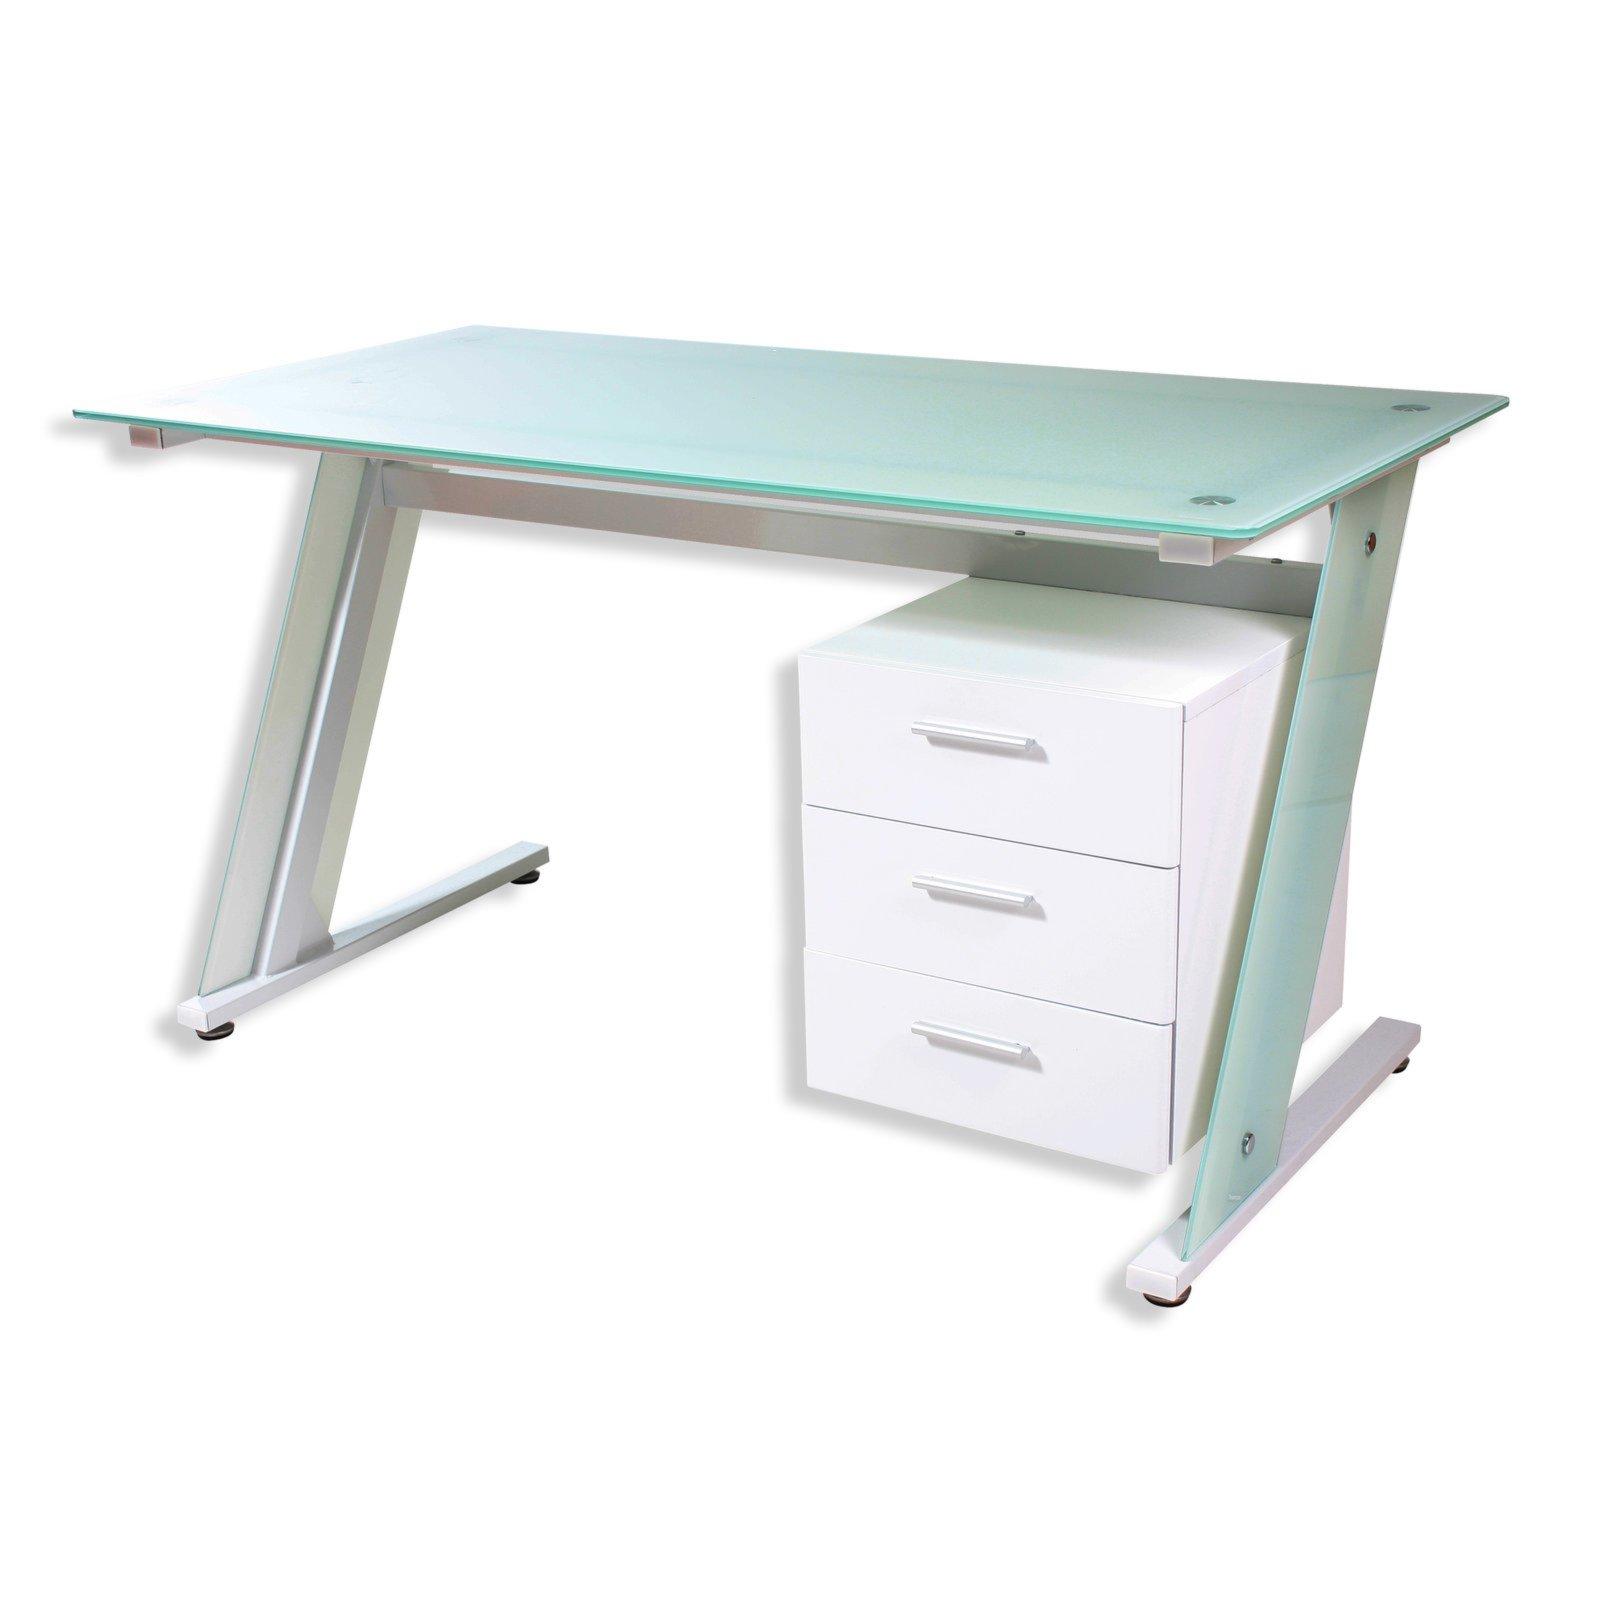 Einzigartig Schreibtisch Weiß Groß Das Beste Von Glasschreibtisch Dakota - Metall Weiß